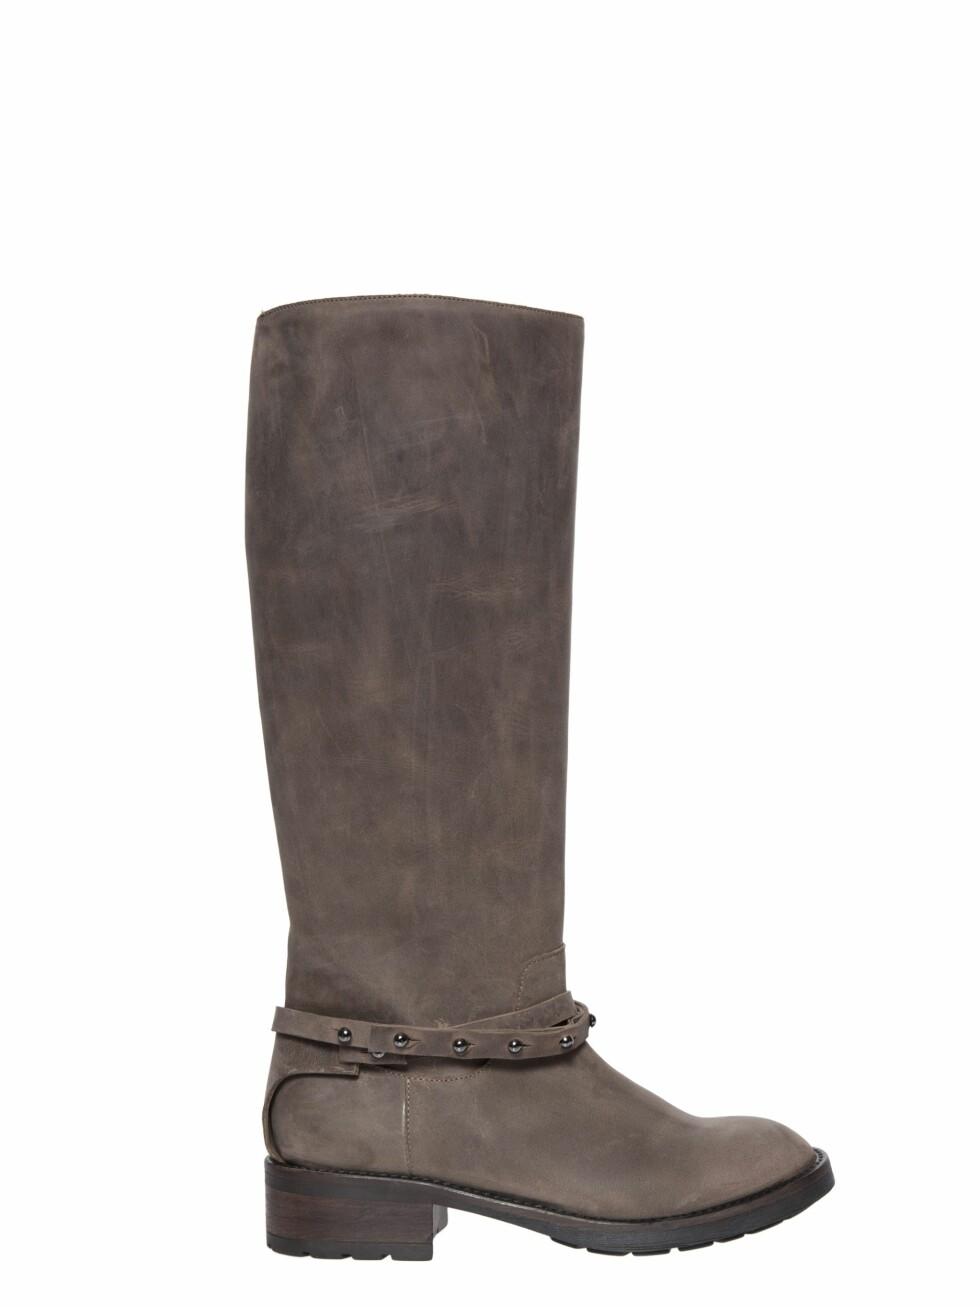 Pack shots - klær Gambit Høst 13 Gant, american vintage, henry loyd, viking, mardou & dean, helene westby, Mariette Stine Therese Strand sko støvlett boots